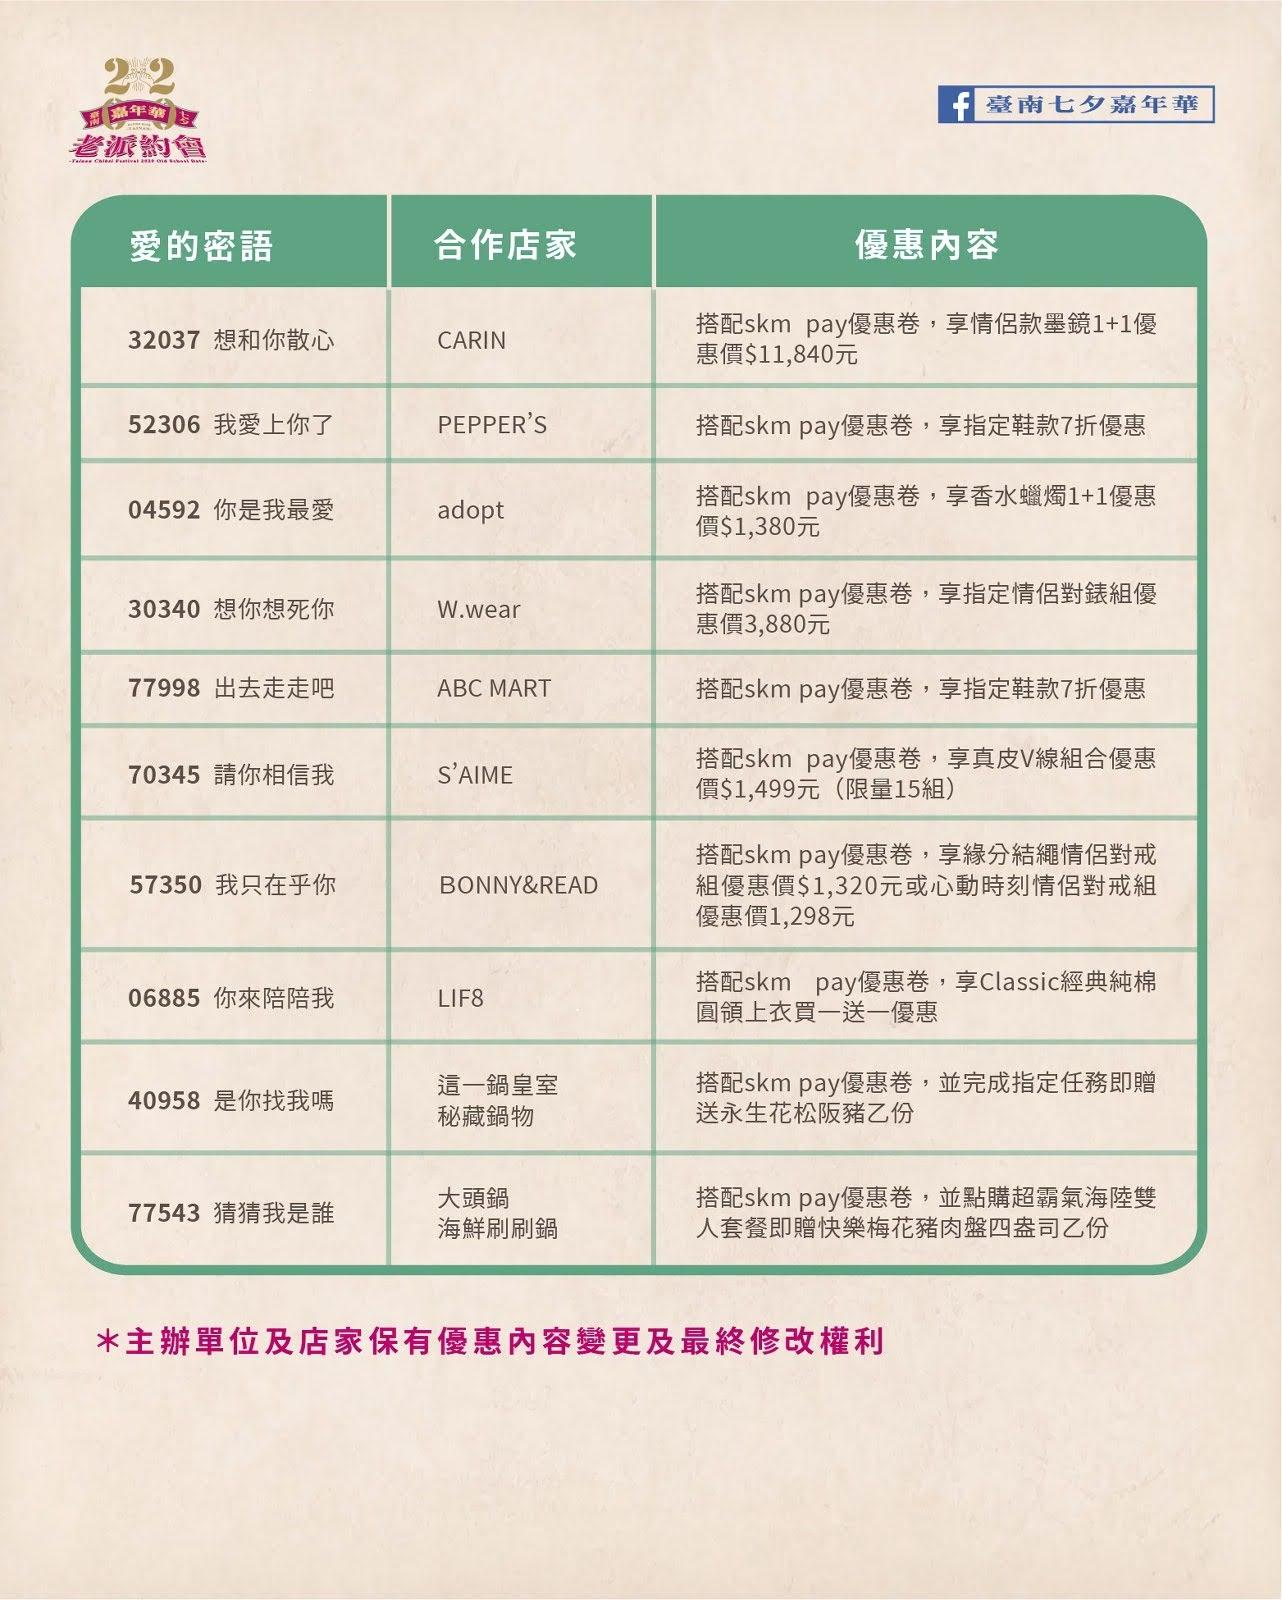 2020台南七夕嘉年華《老派約會》|集結7大月老、浪漫曬愛牆打造全糖甜蜜約會|活動